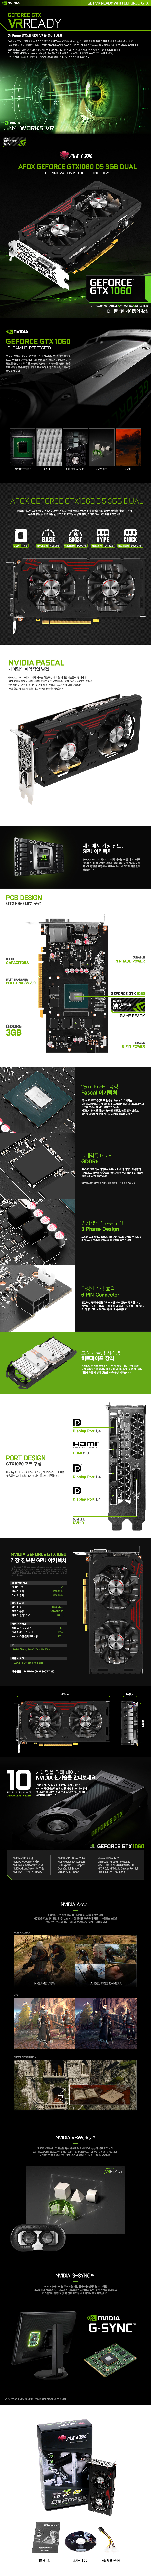 AFOX 지포스 GTX1060 D5 3GB 듀얼 db.jpg